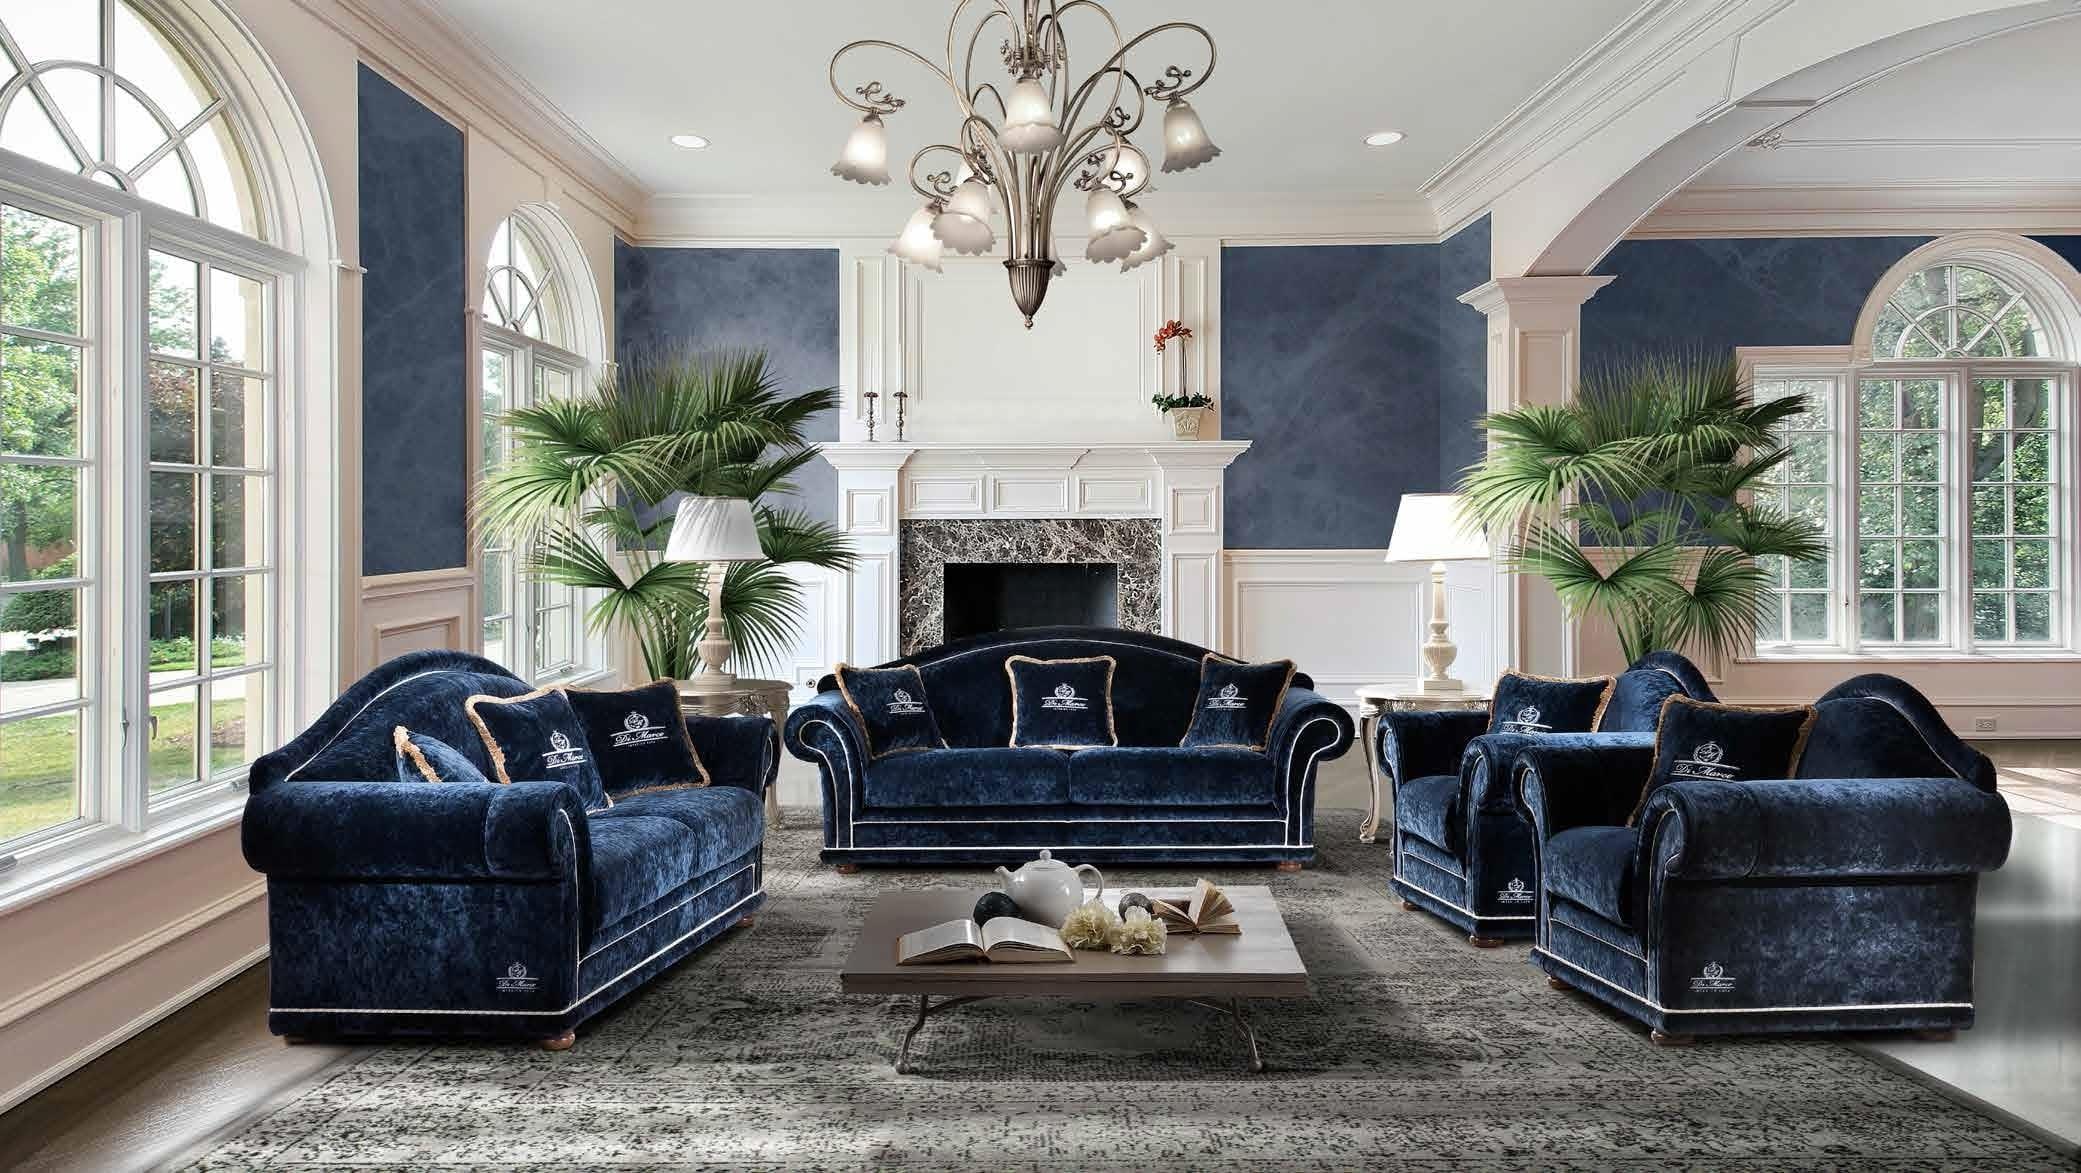 Di Marco Interior Sofa by Poltrone & Divani srl   IDFdesign